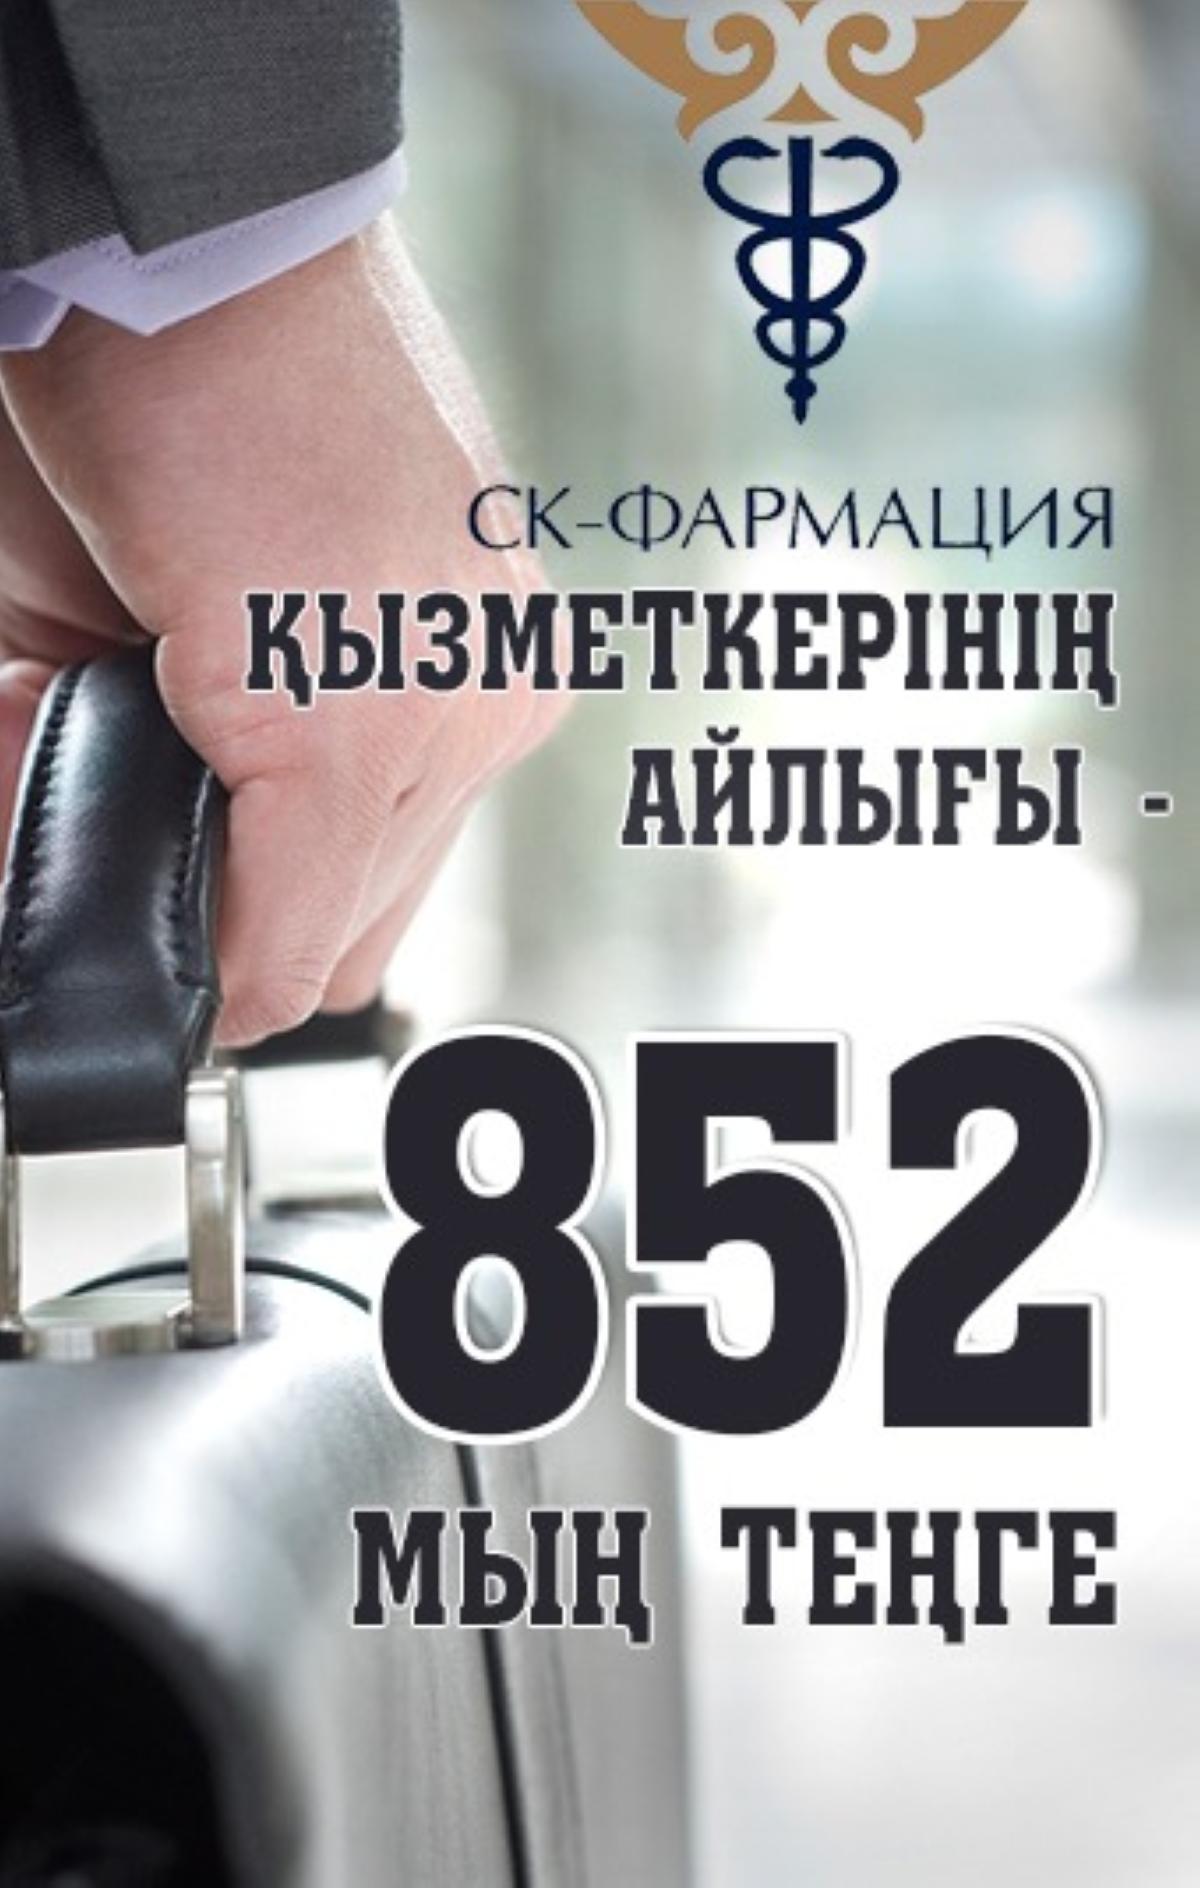 «СҚ-Фармация» қызметкерінің айлығы − 852 мың теңге